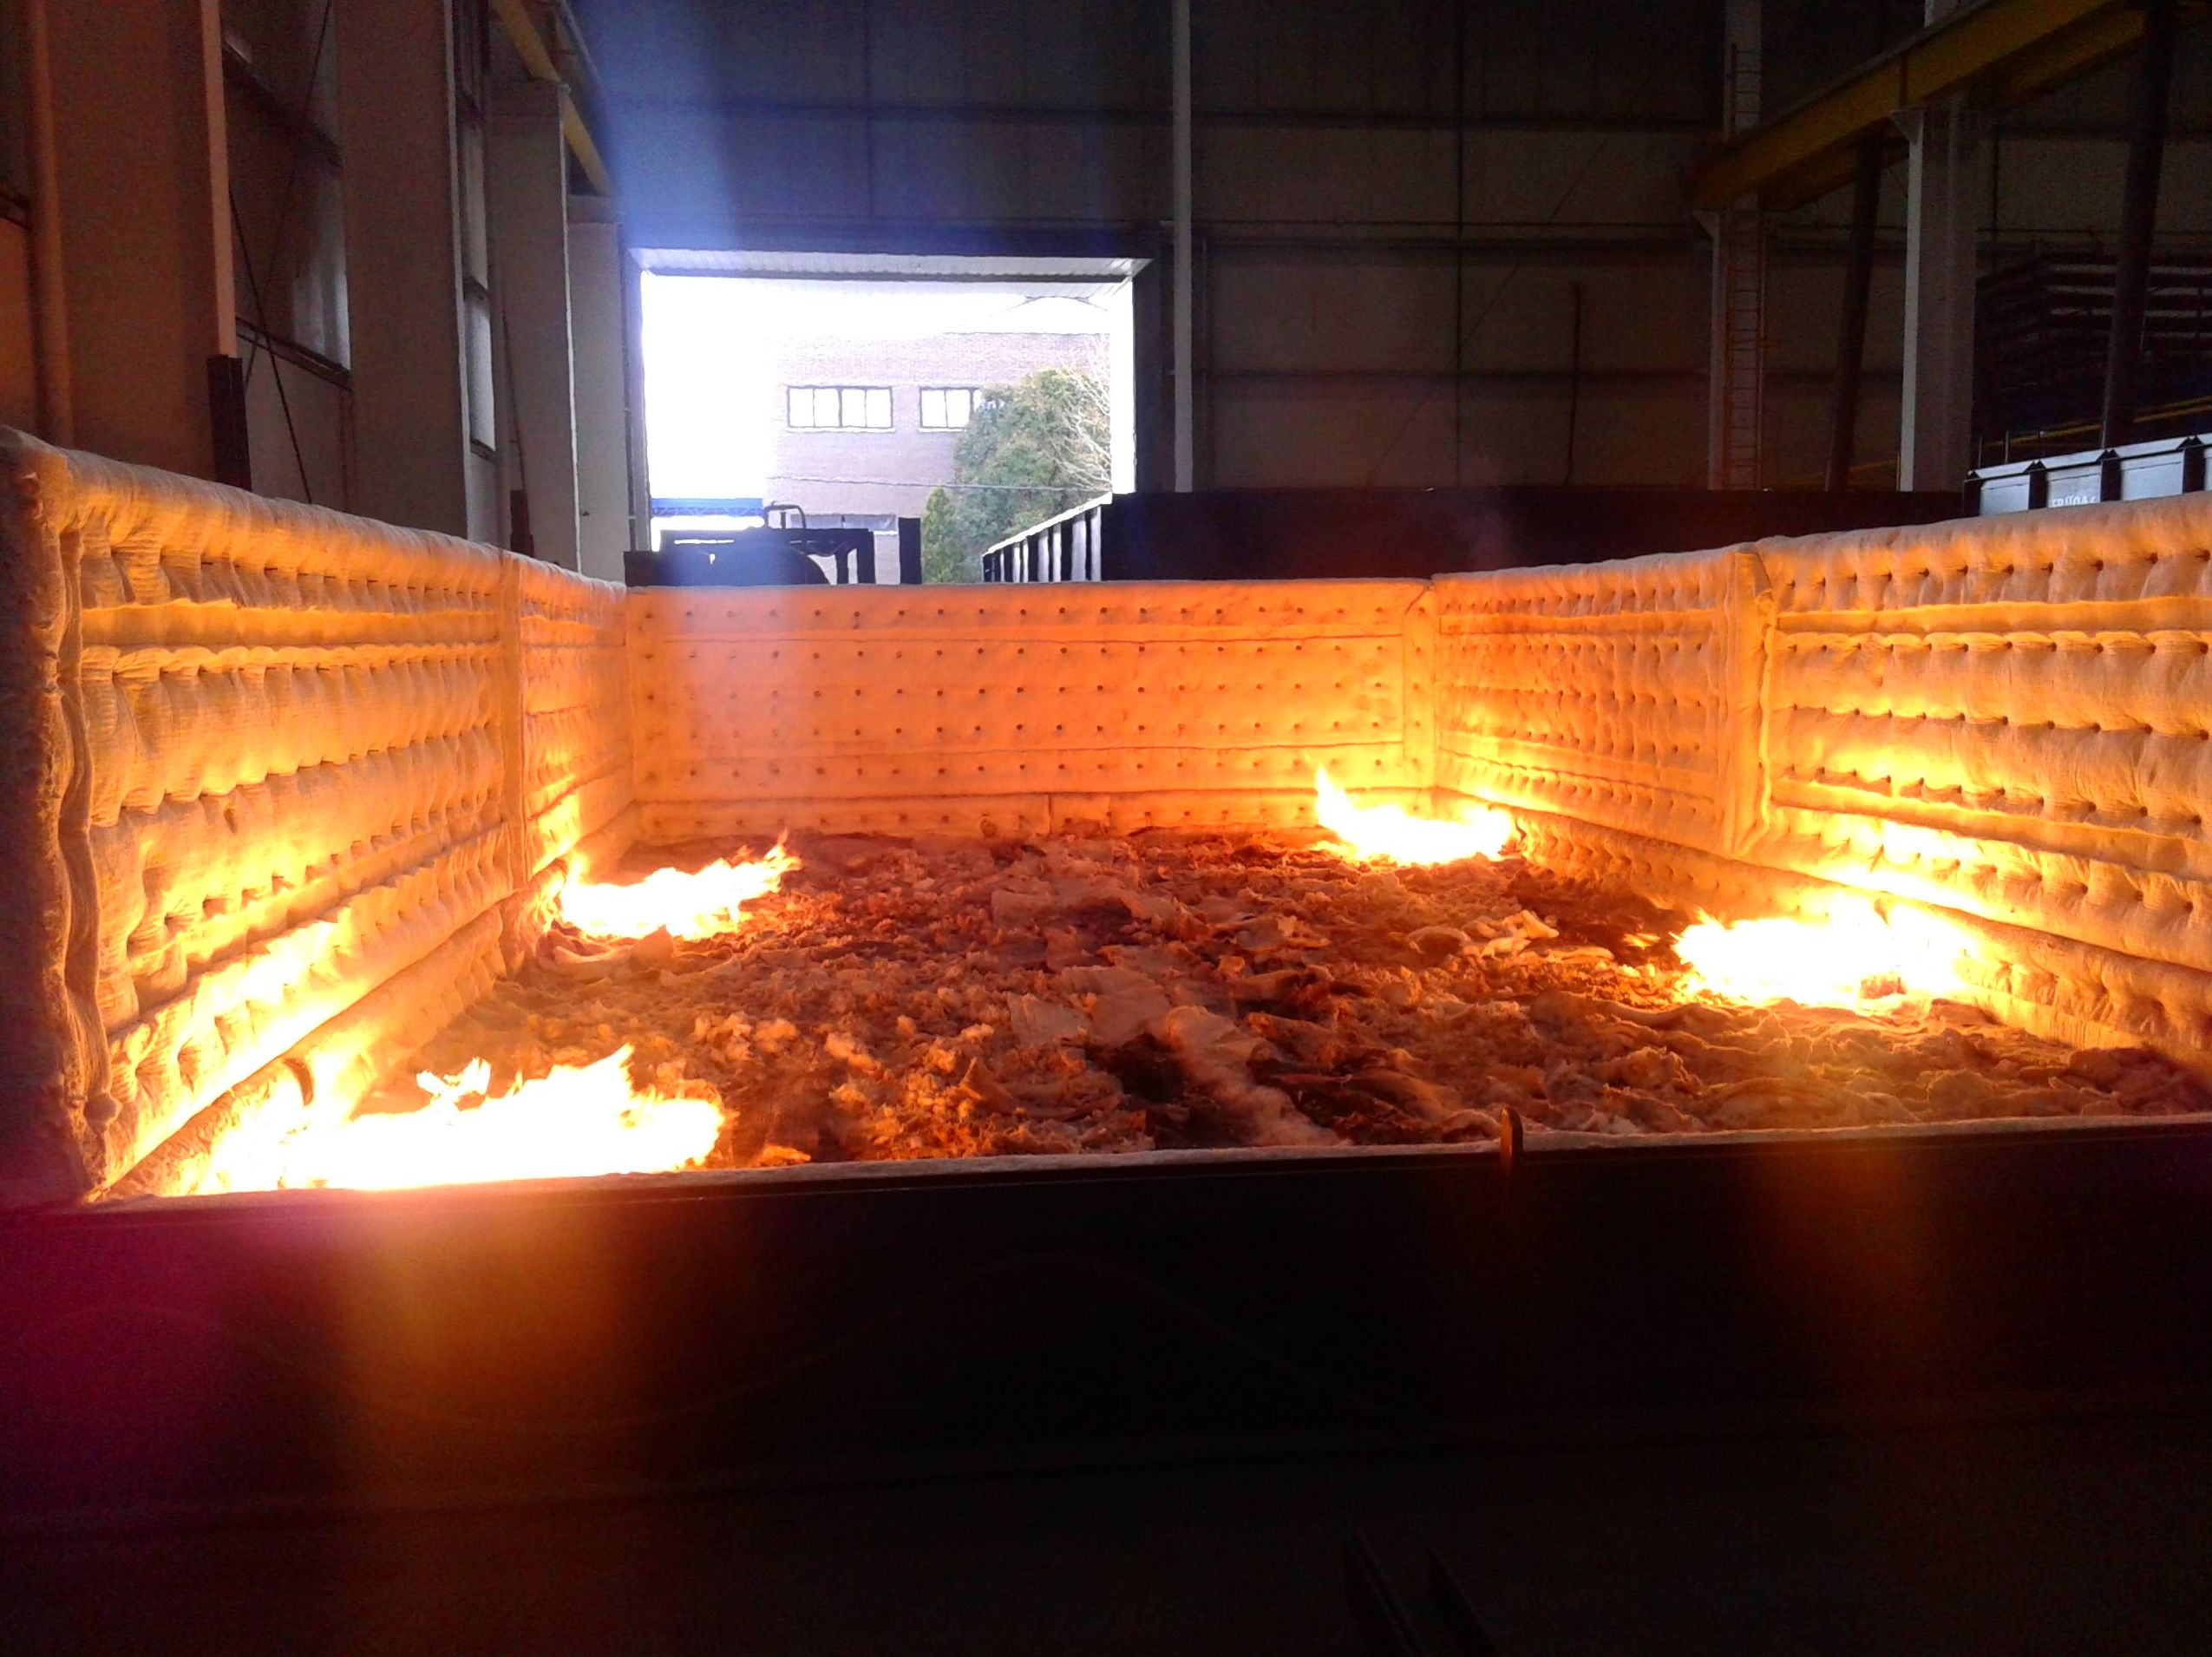 Foto 6 de Maquinaria granallado y chorreado en San Martín de la Vega | Fergoa Industrial XXI S.L